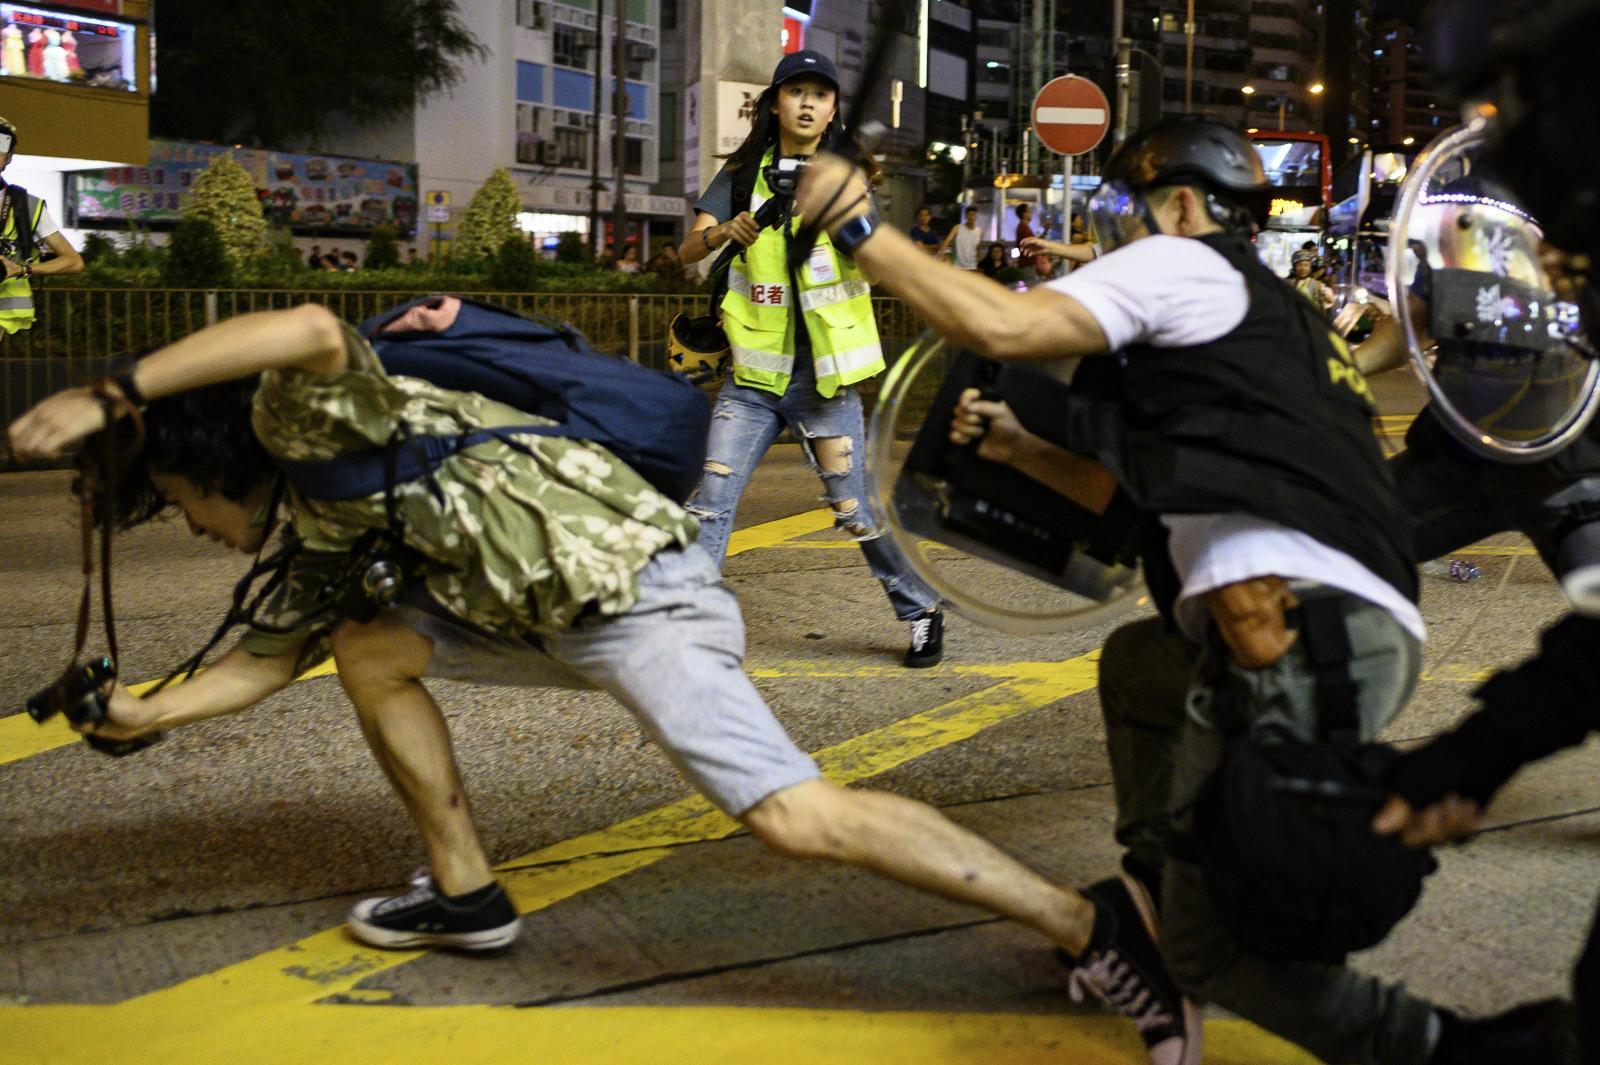 เดือด! ม็อบฮ่องกงปะทะตำรวจ หลังชัตดาวน์สนามบินไม่สำเร็จ